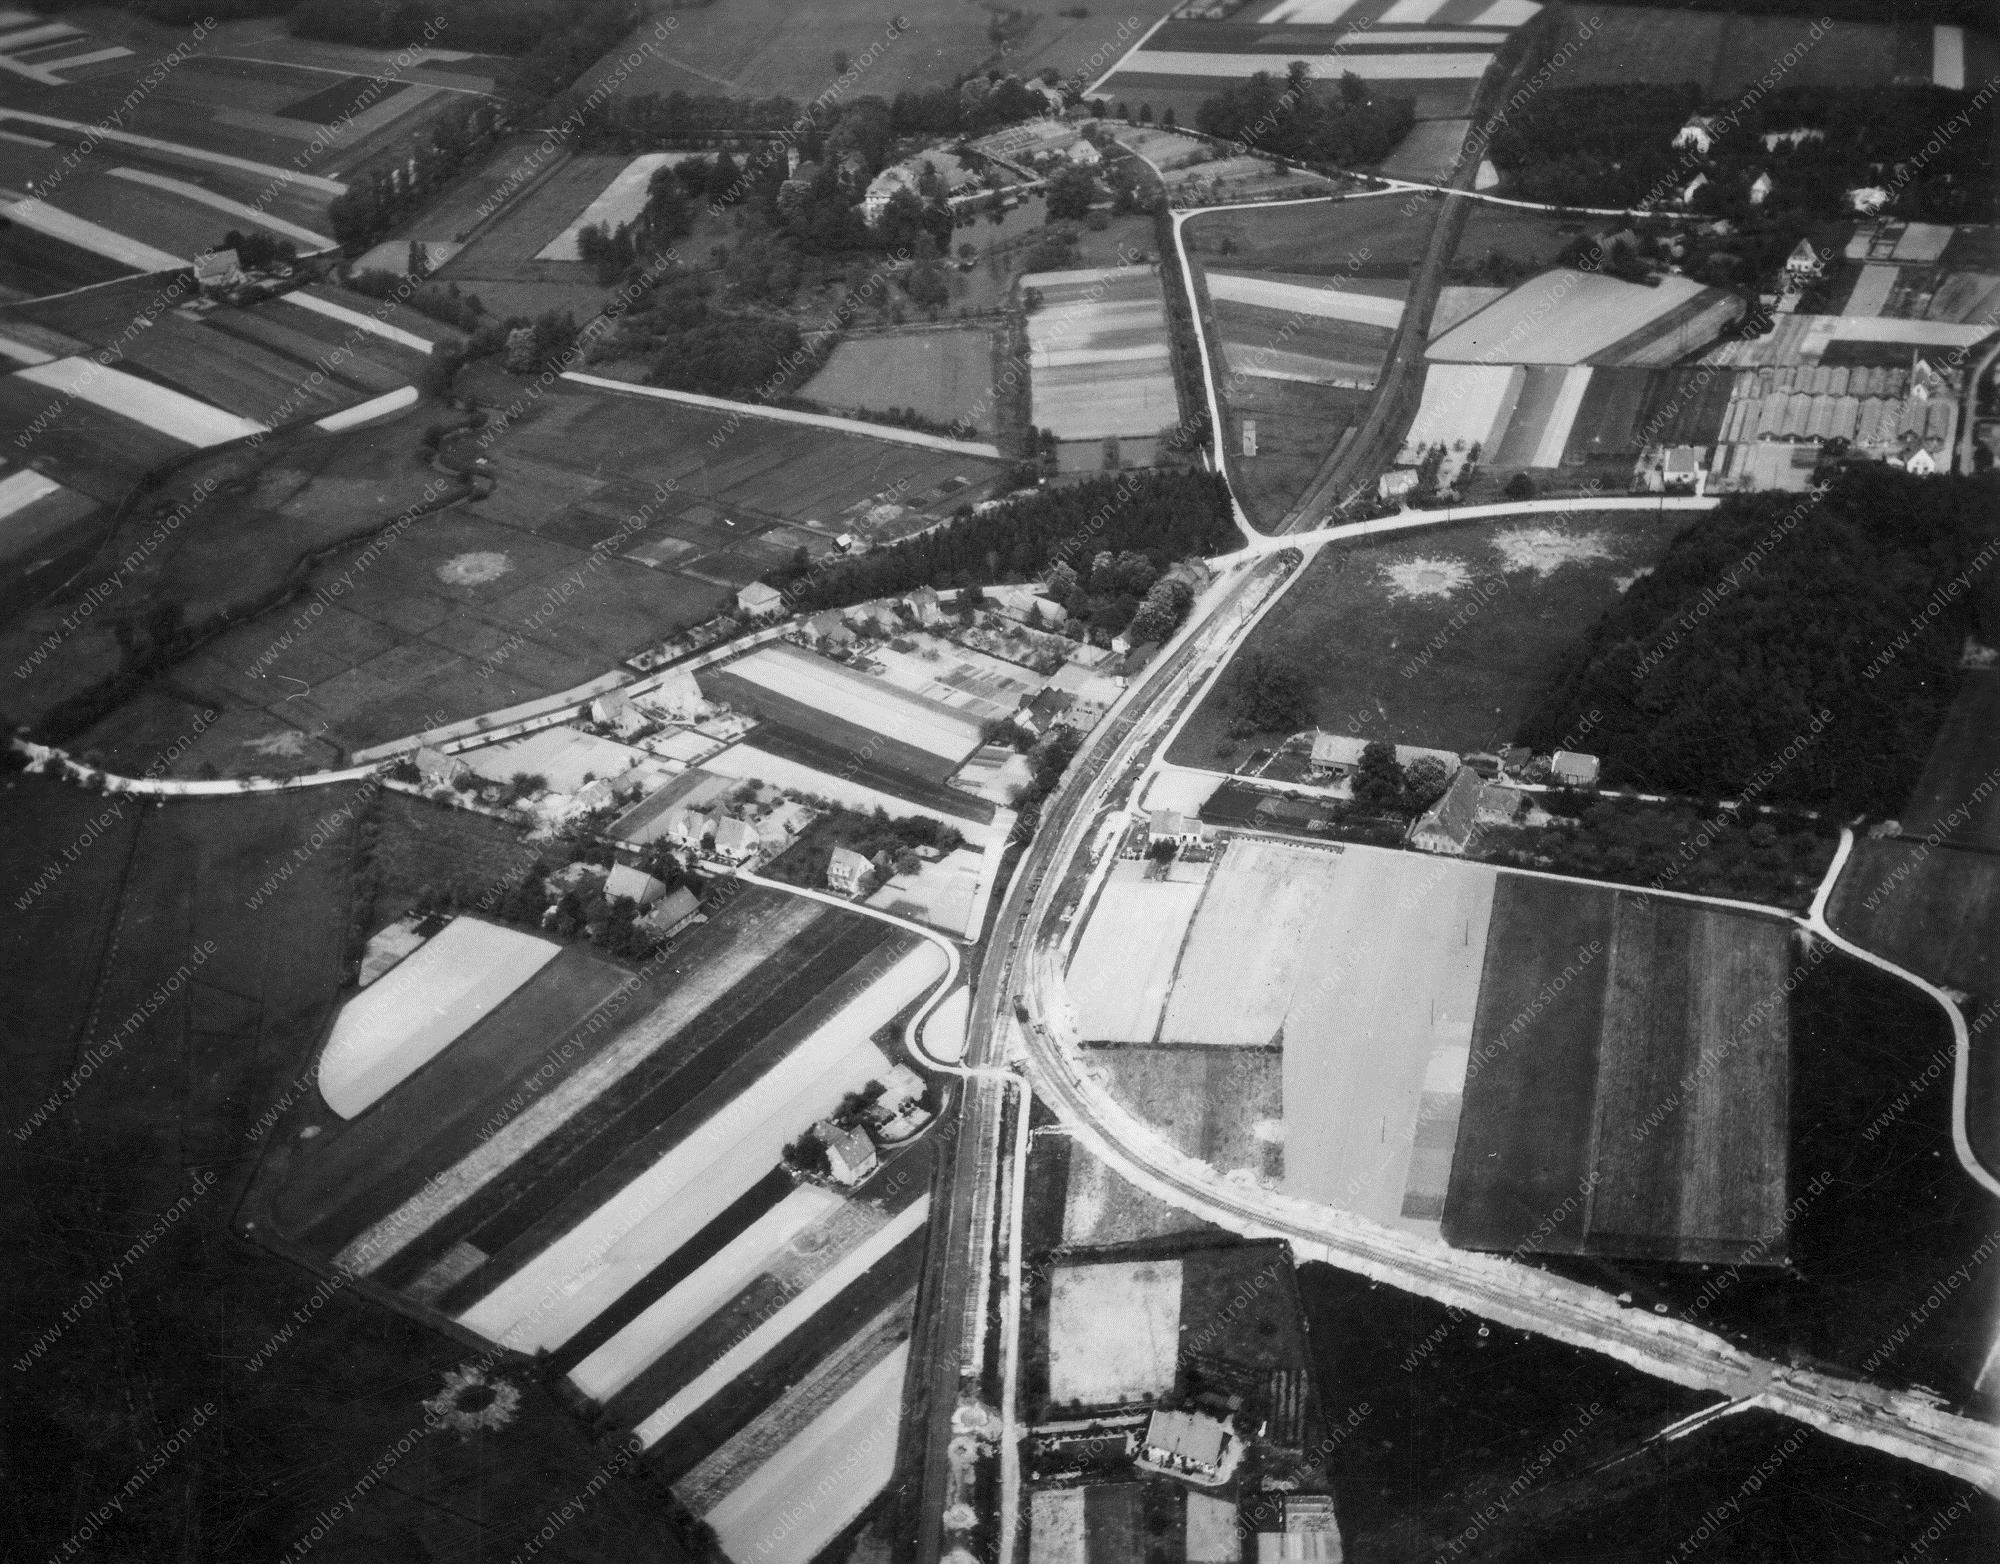 Osnabrück-Sutthausen Luftbild aus dem Zweiten Weltkrieg mit Bahnhof in der St.-Florian-Straße